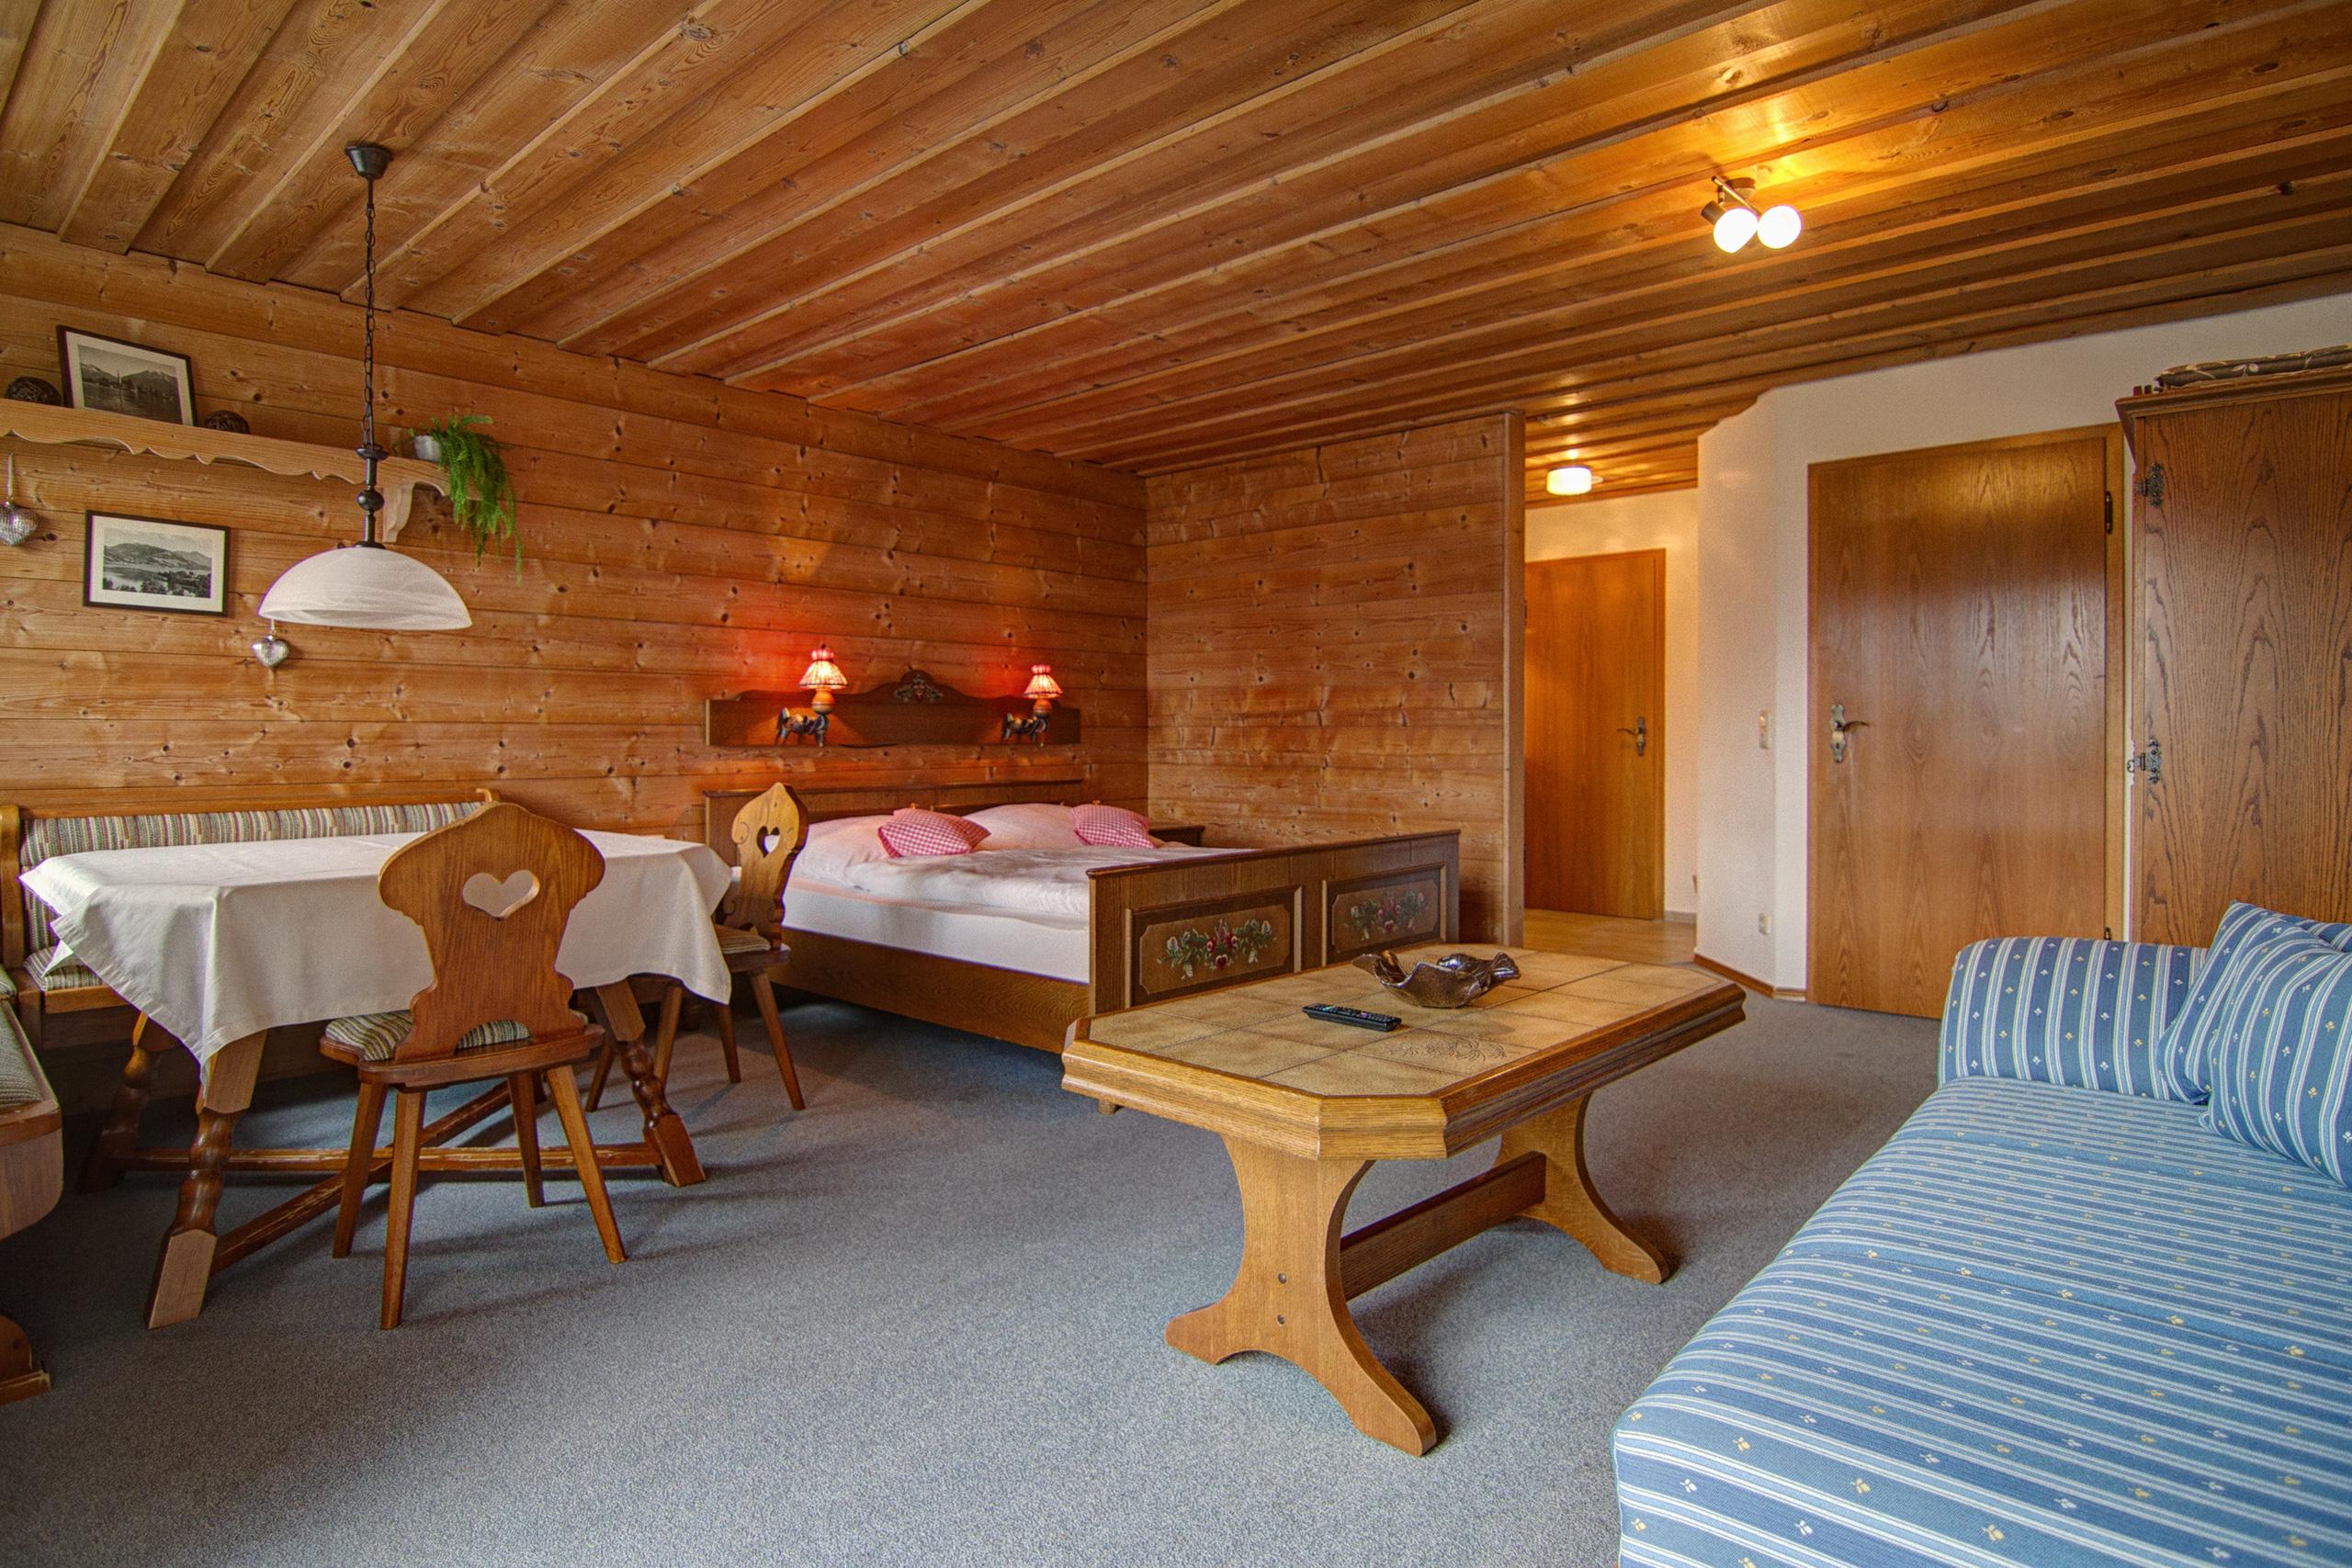 Ferienwohnung Oberreiterhof Bad Wiessee 40qm